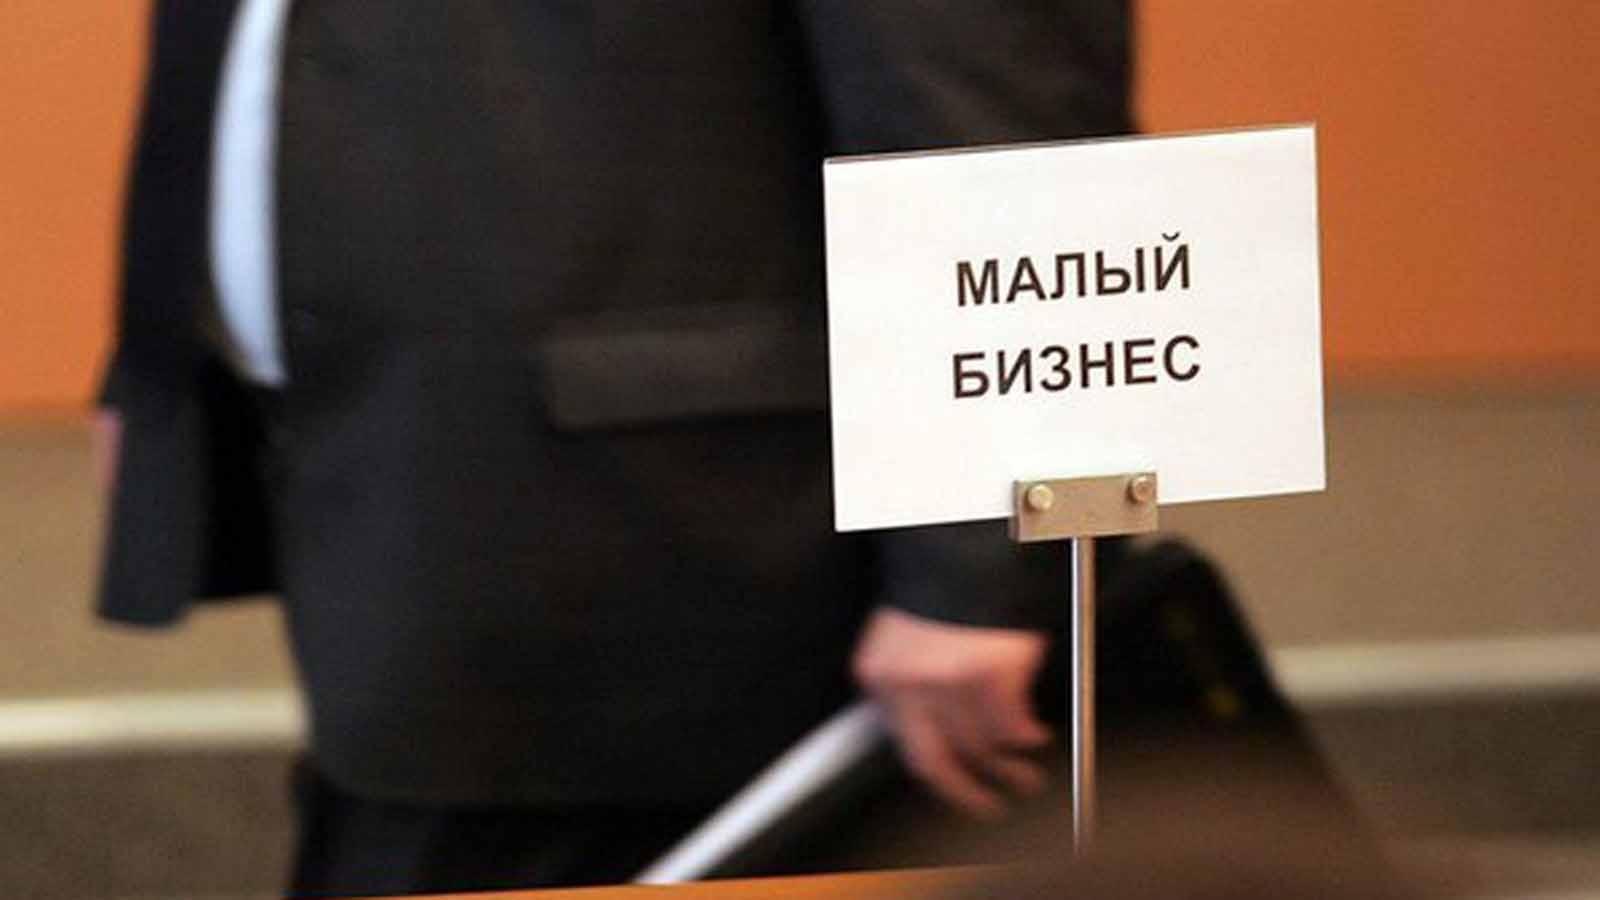 Власти упростили порядок предоставления регионам субсидий наподдержку малого бизнеса